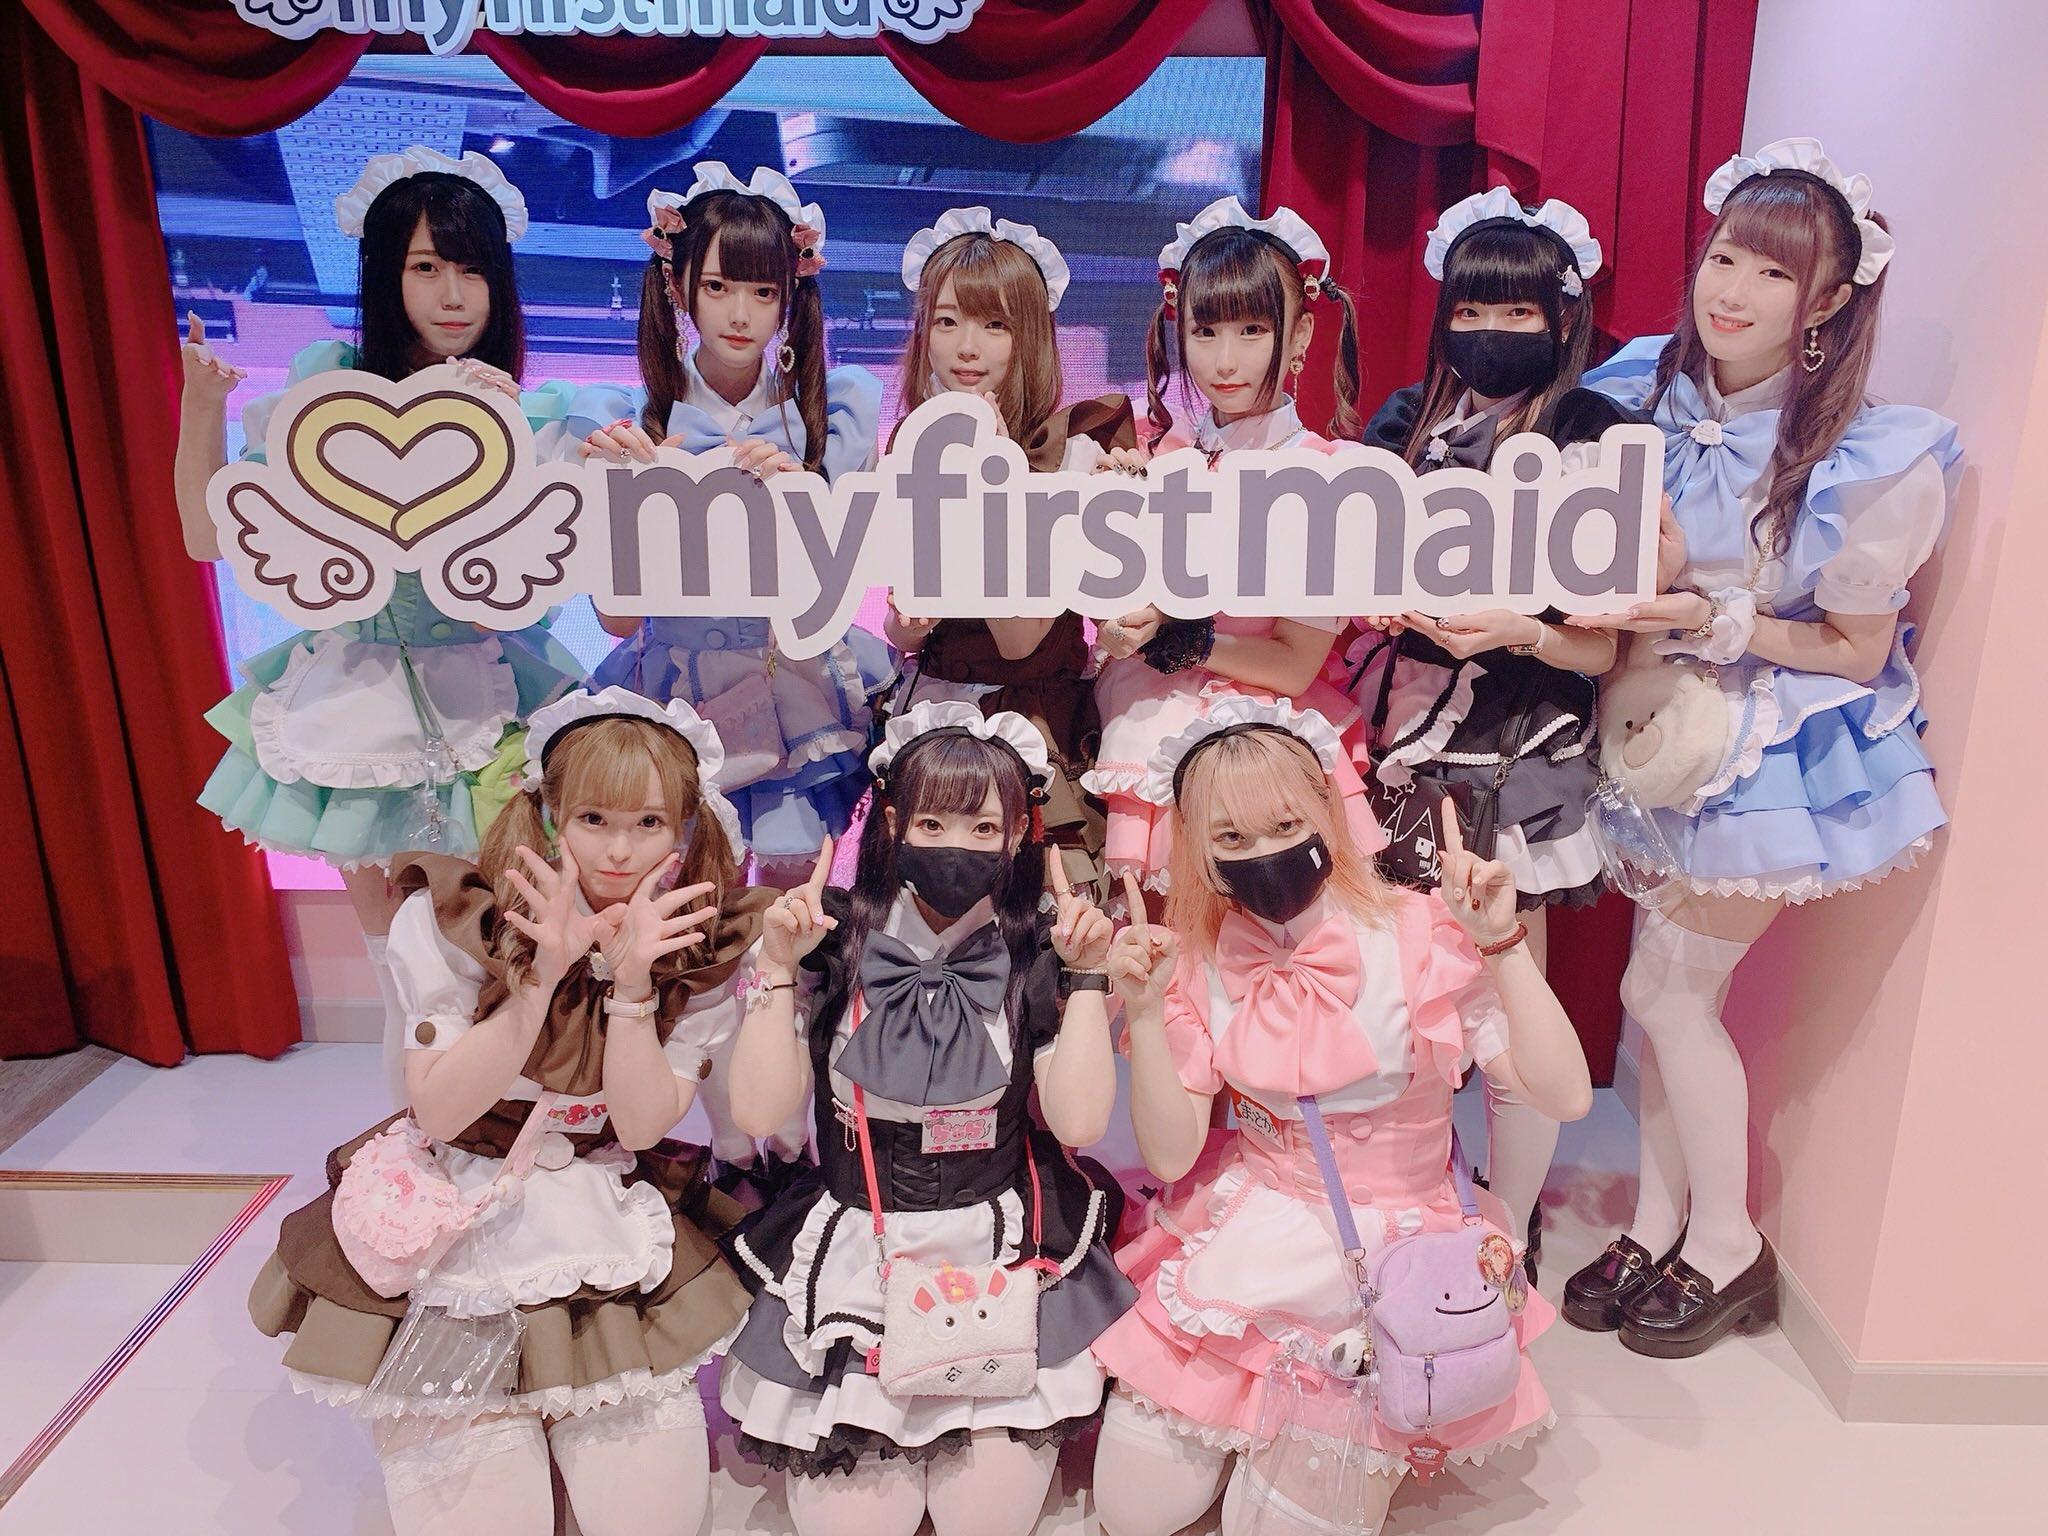 秋葉原my first maid (マイファーストメイド)